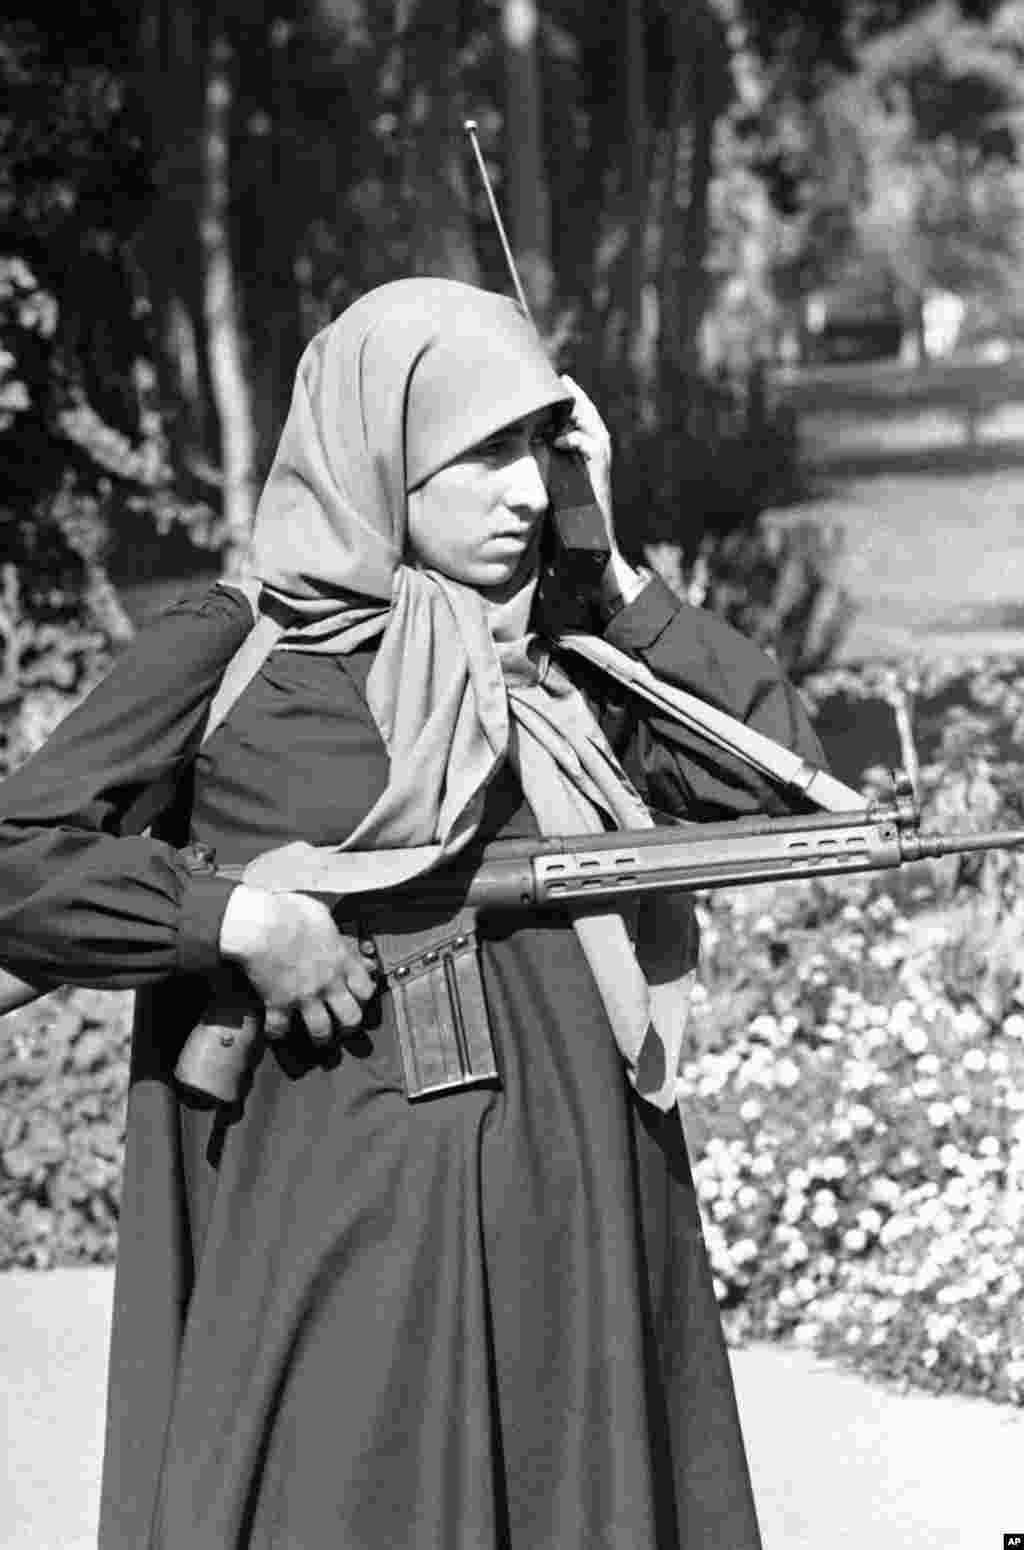 امروز در تاریخ: سال ۱۳۵۸ - یک گارد امنیت بیرون سفارت آمریکا گشت زنی میکند. دانشجویان ایرانی کارمند های آمریکای سفارت را به گروگان گرفته بودند.